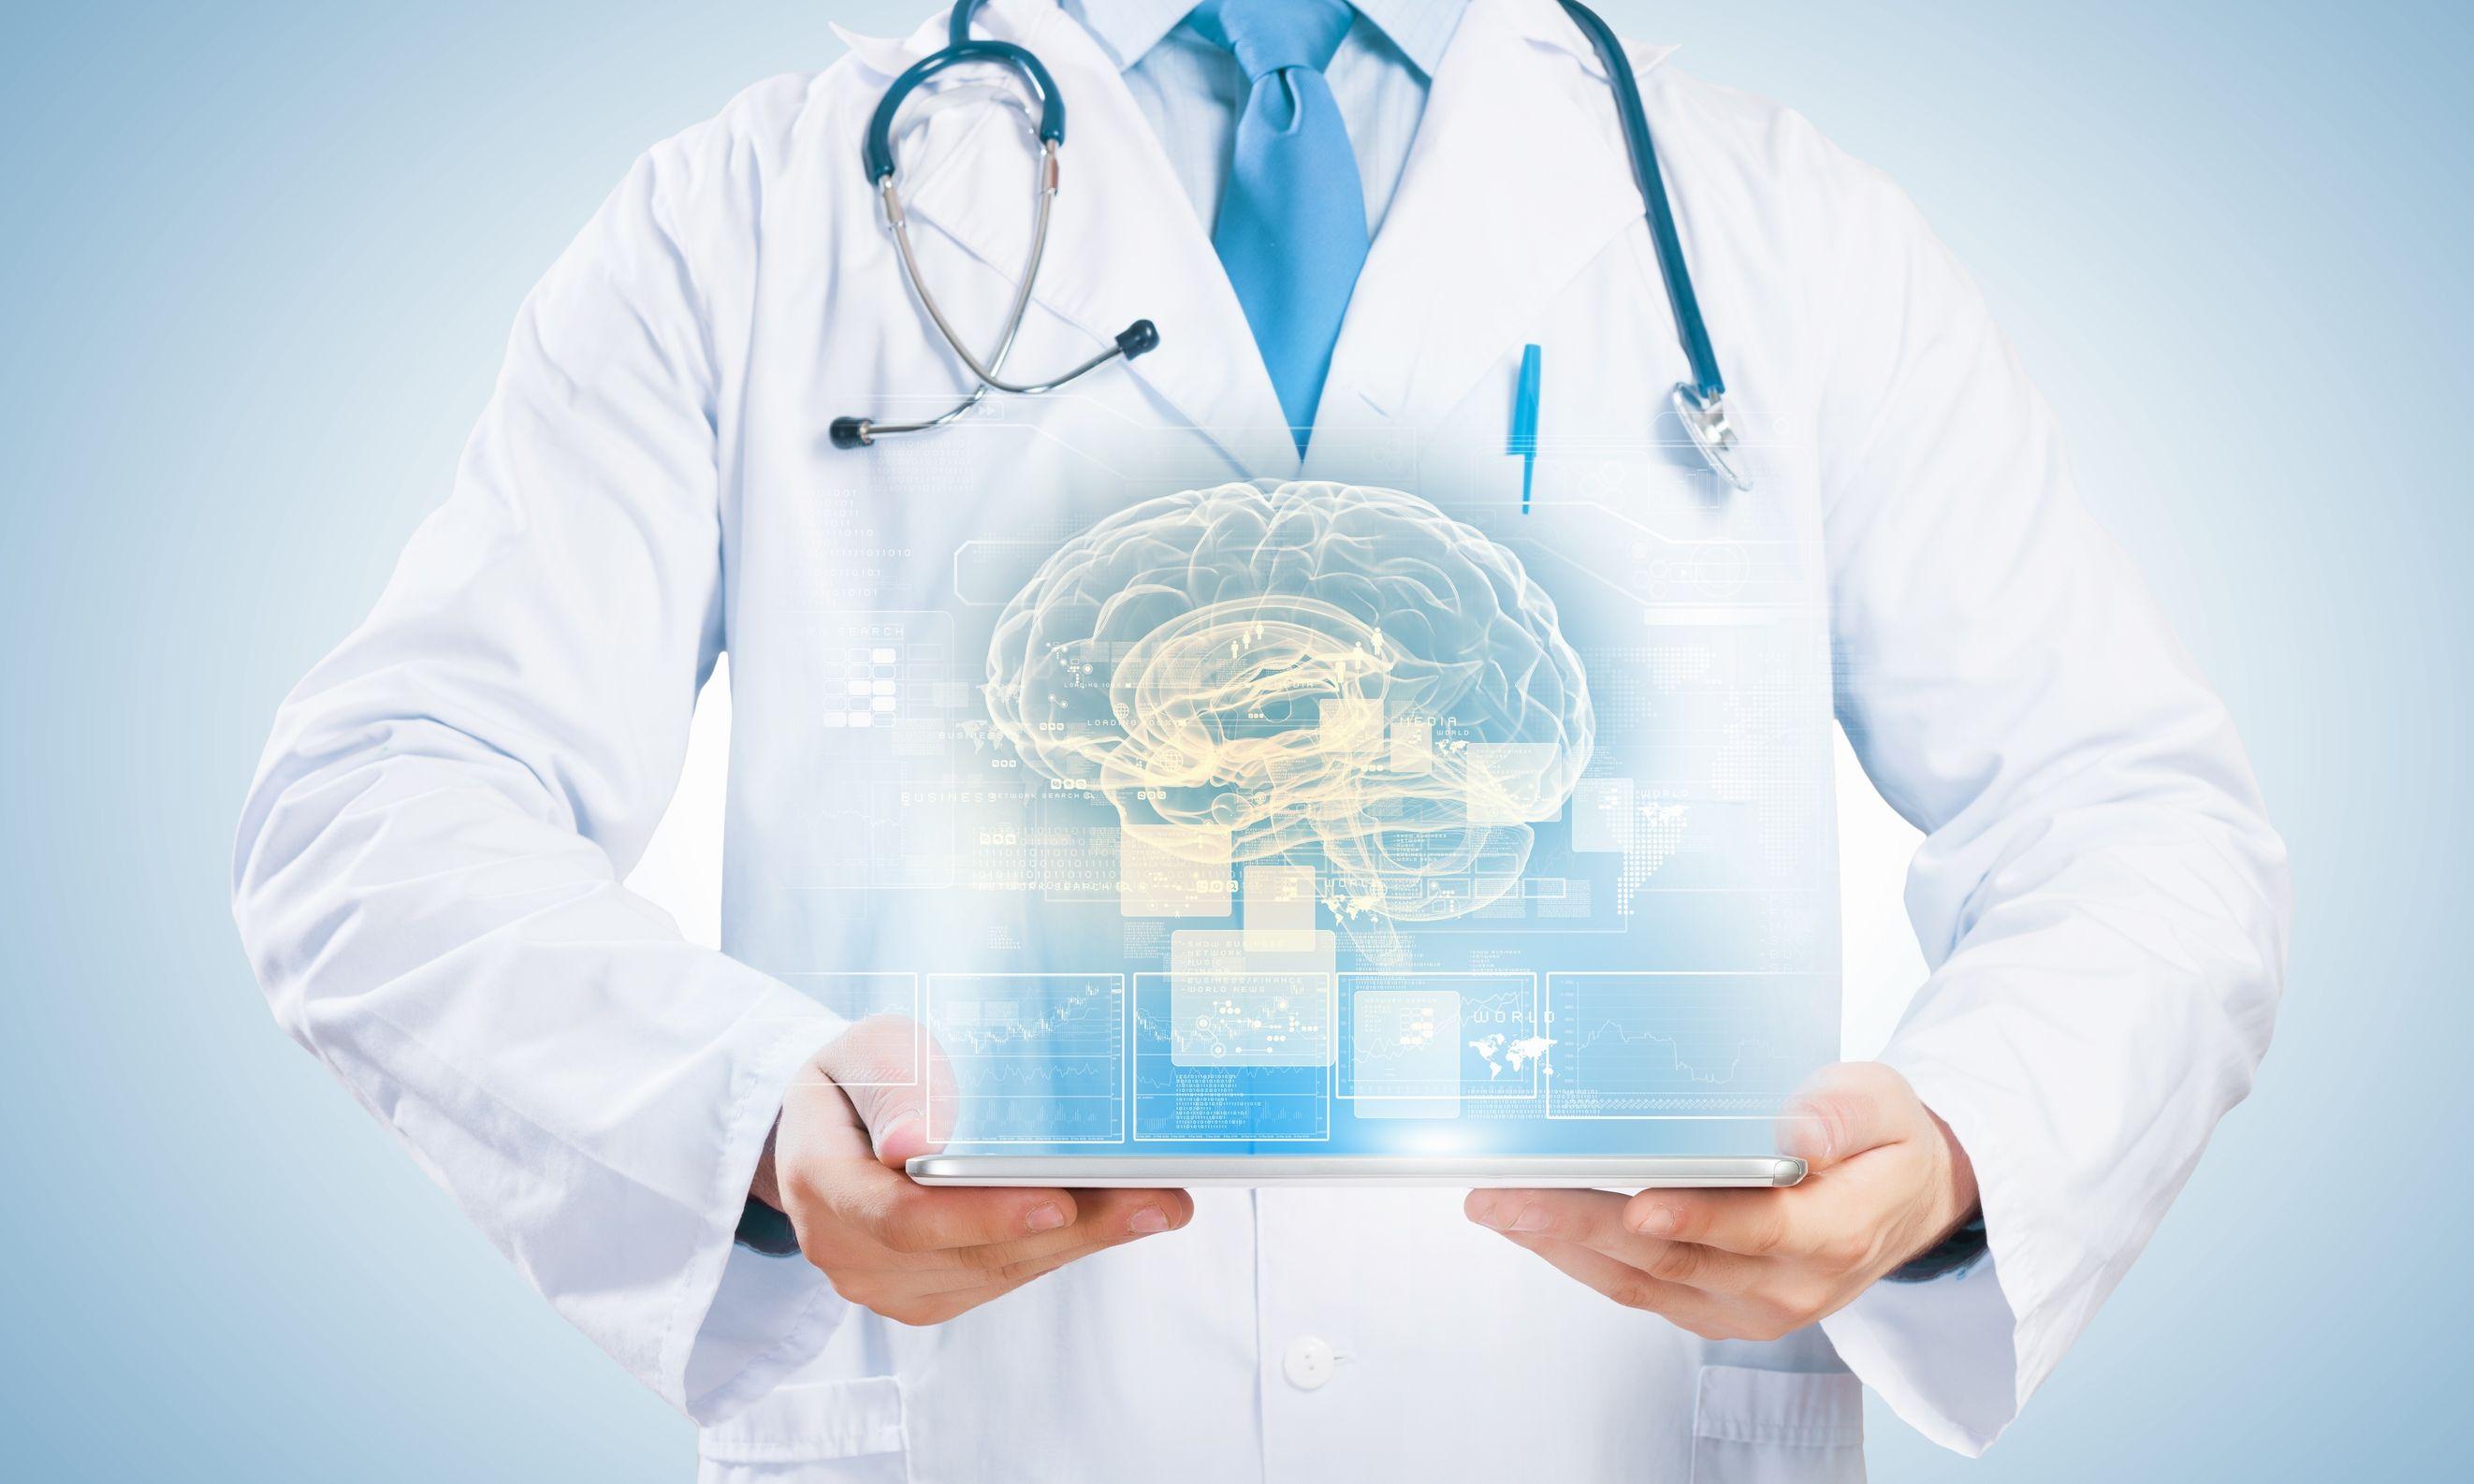 Nöroloji Hastalıkları